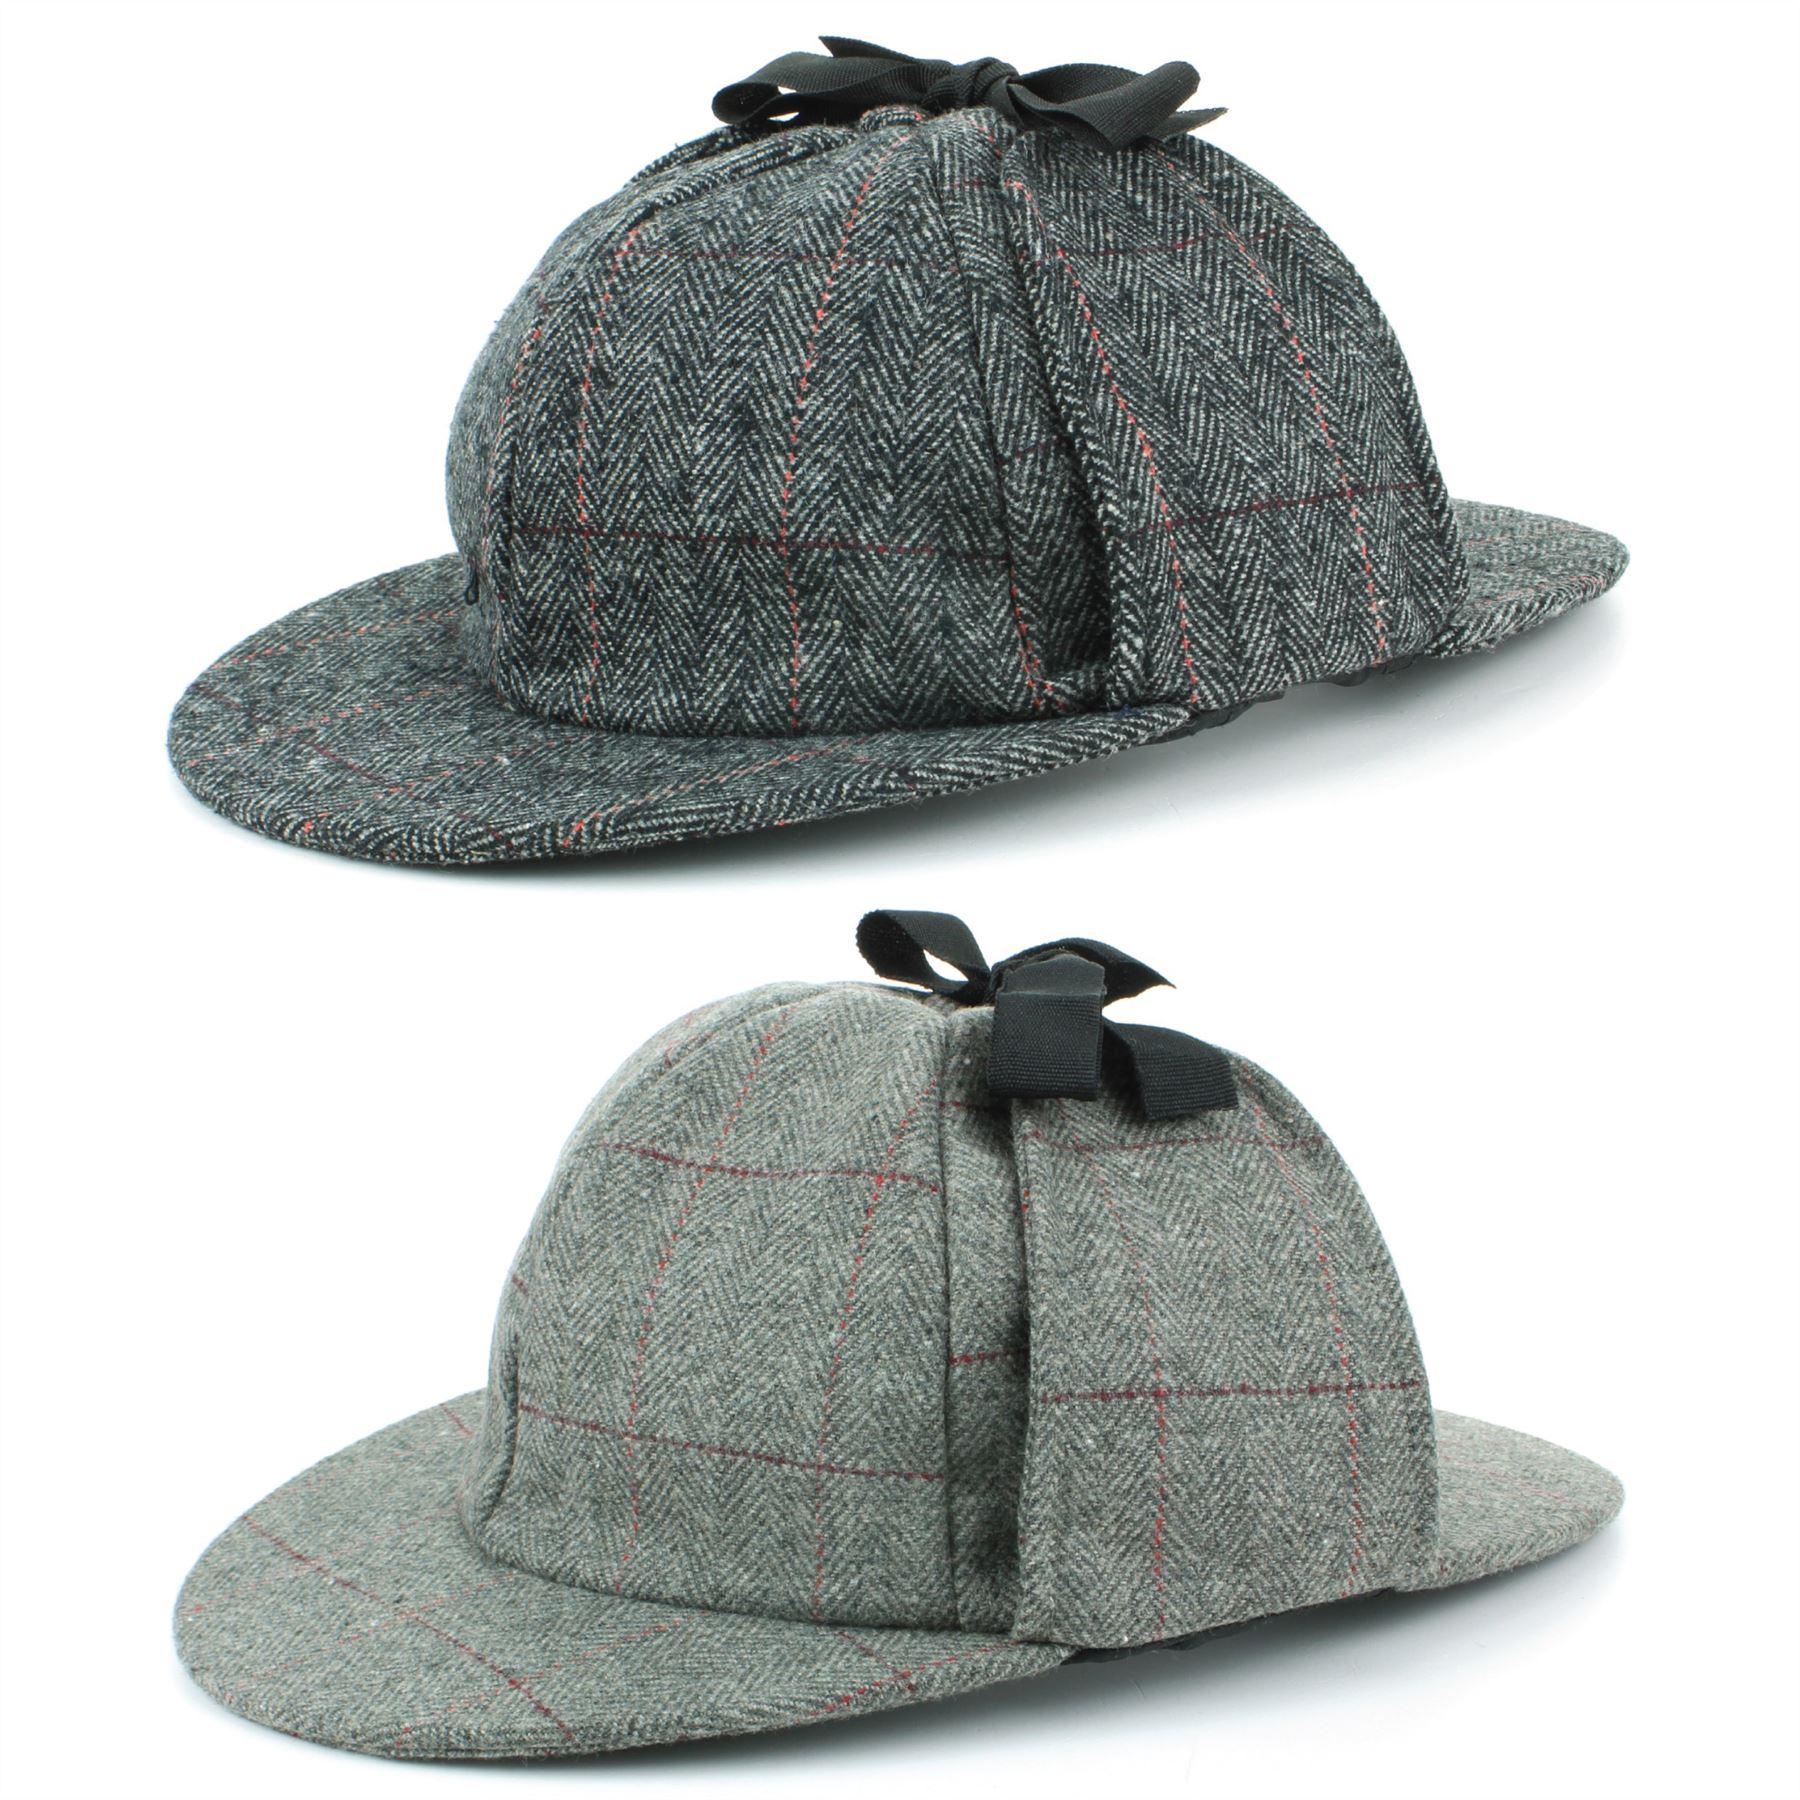 ba7be666956 Details about Deerstalker Hat Herringbone Tweed Sherlock Holmes Grey Flat  Cap Peaks Hawkins